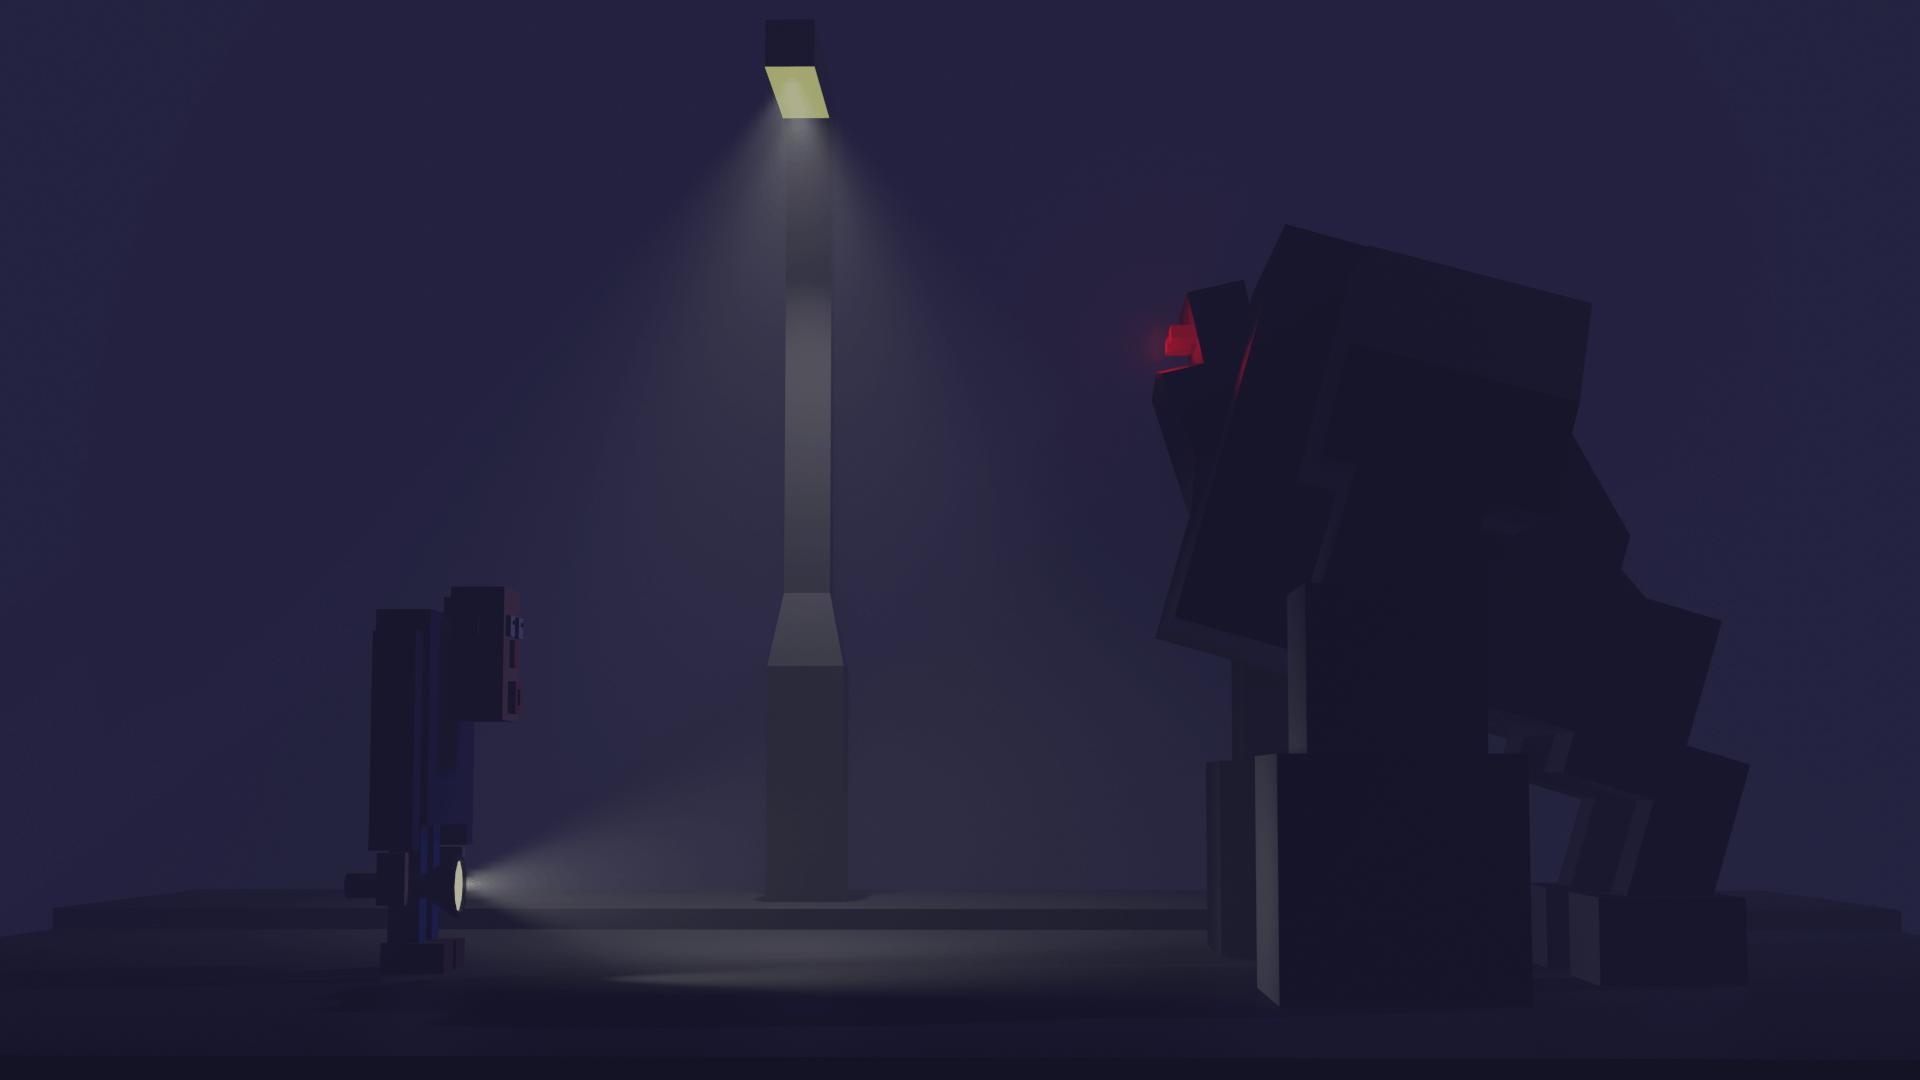 blender-night-scene